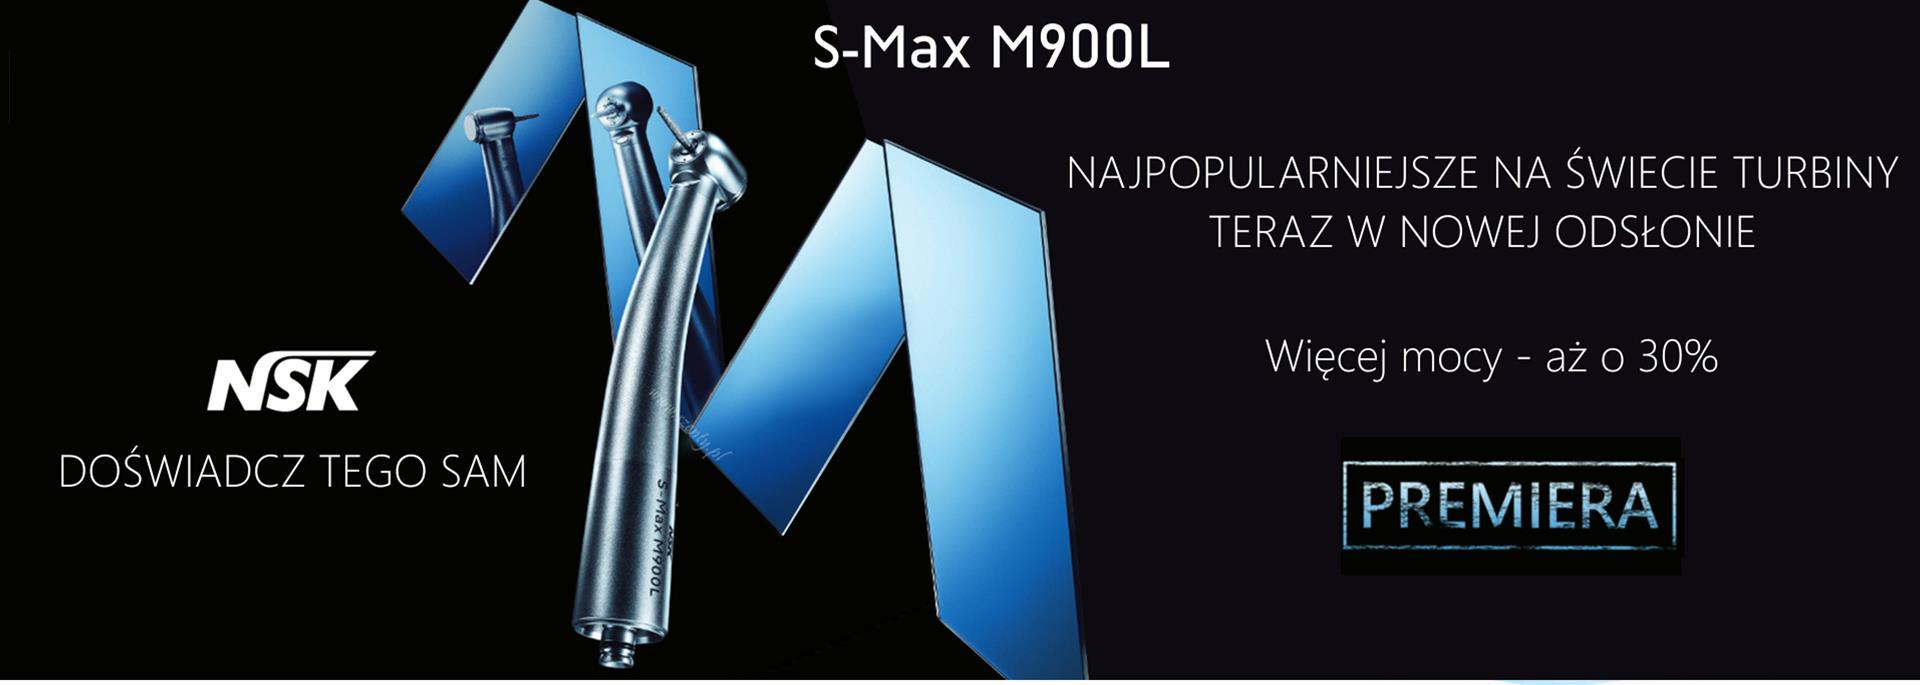 m900L_NSK